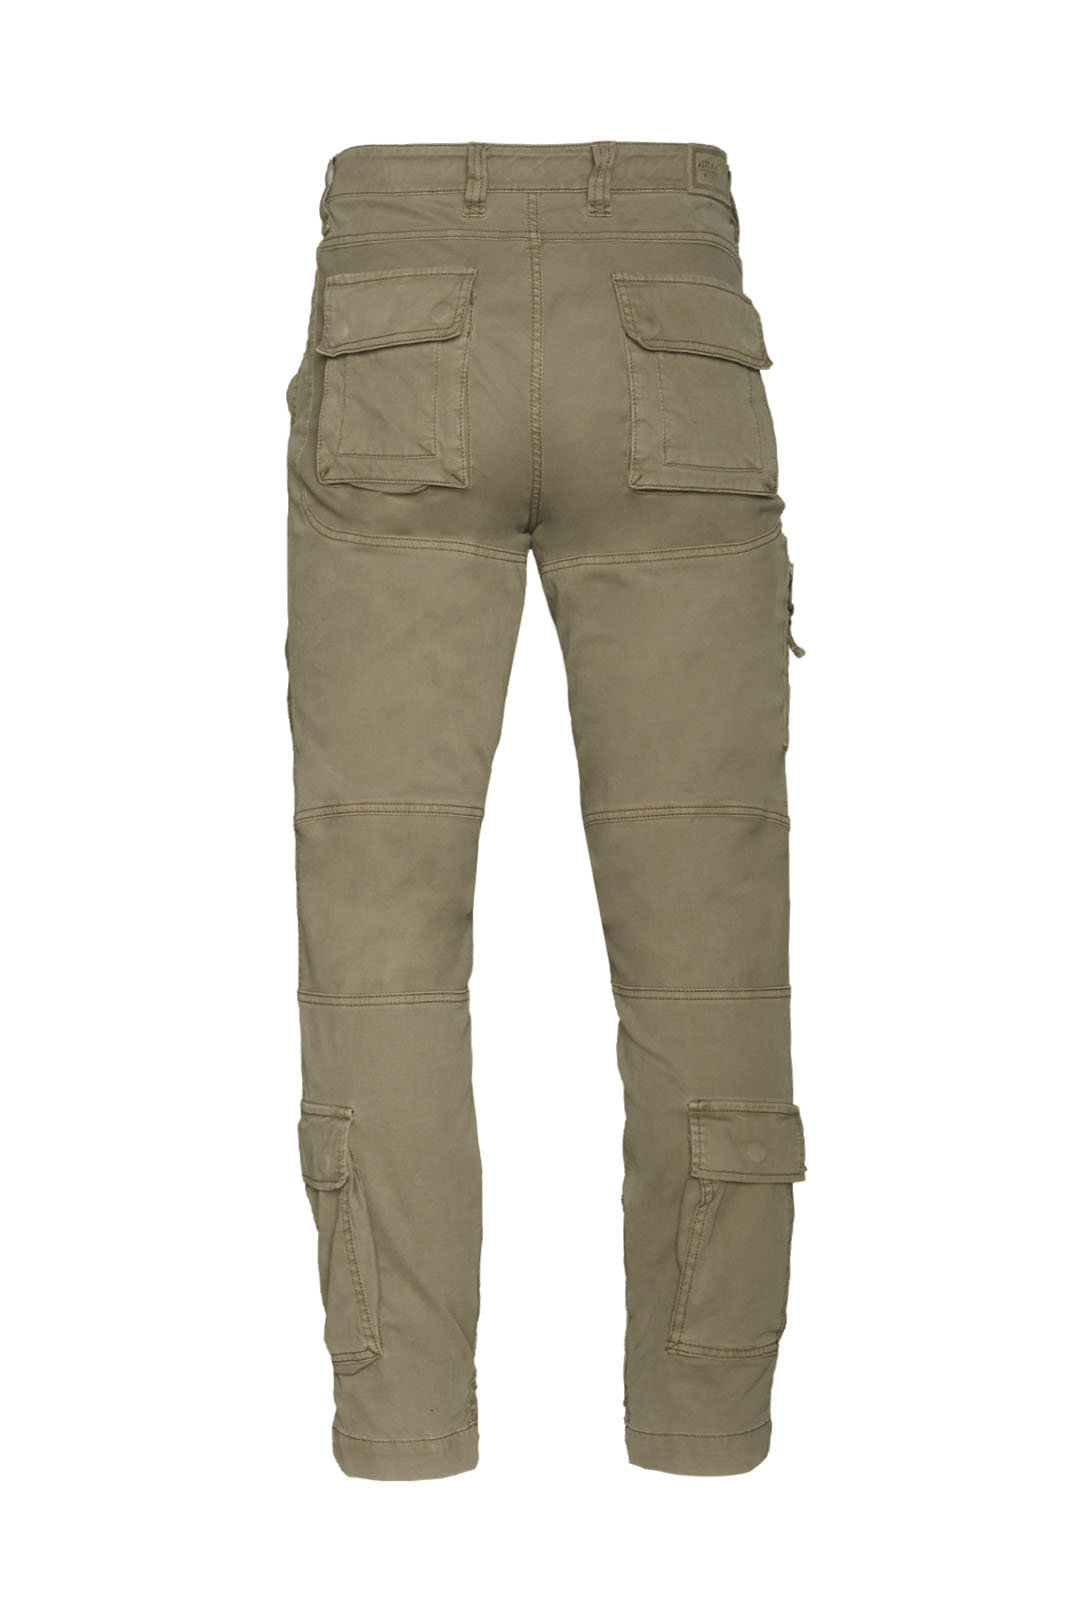 Pantalone Anti-G                         2